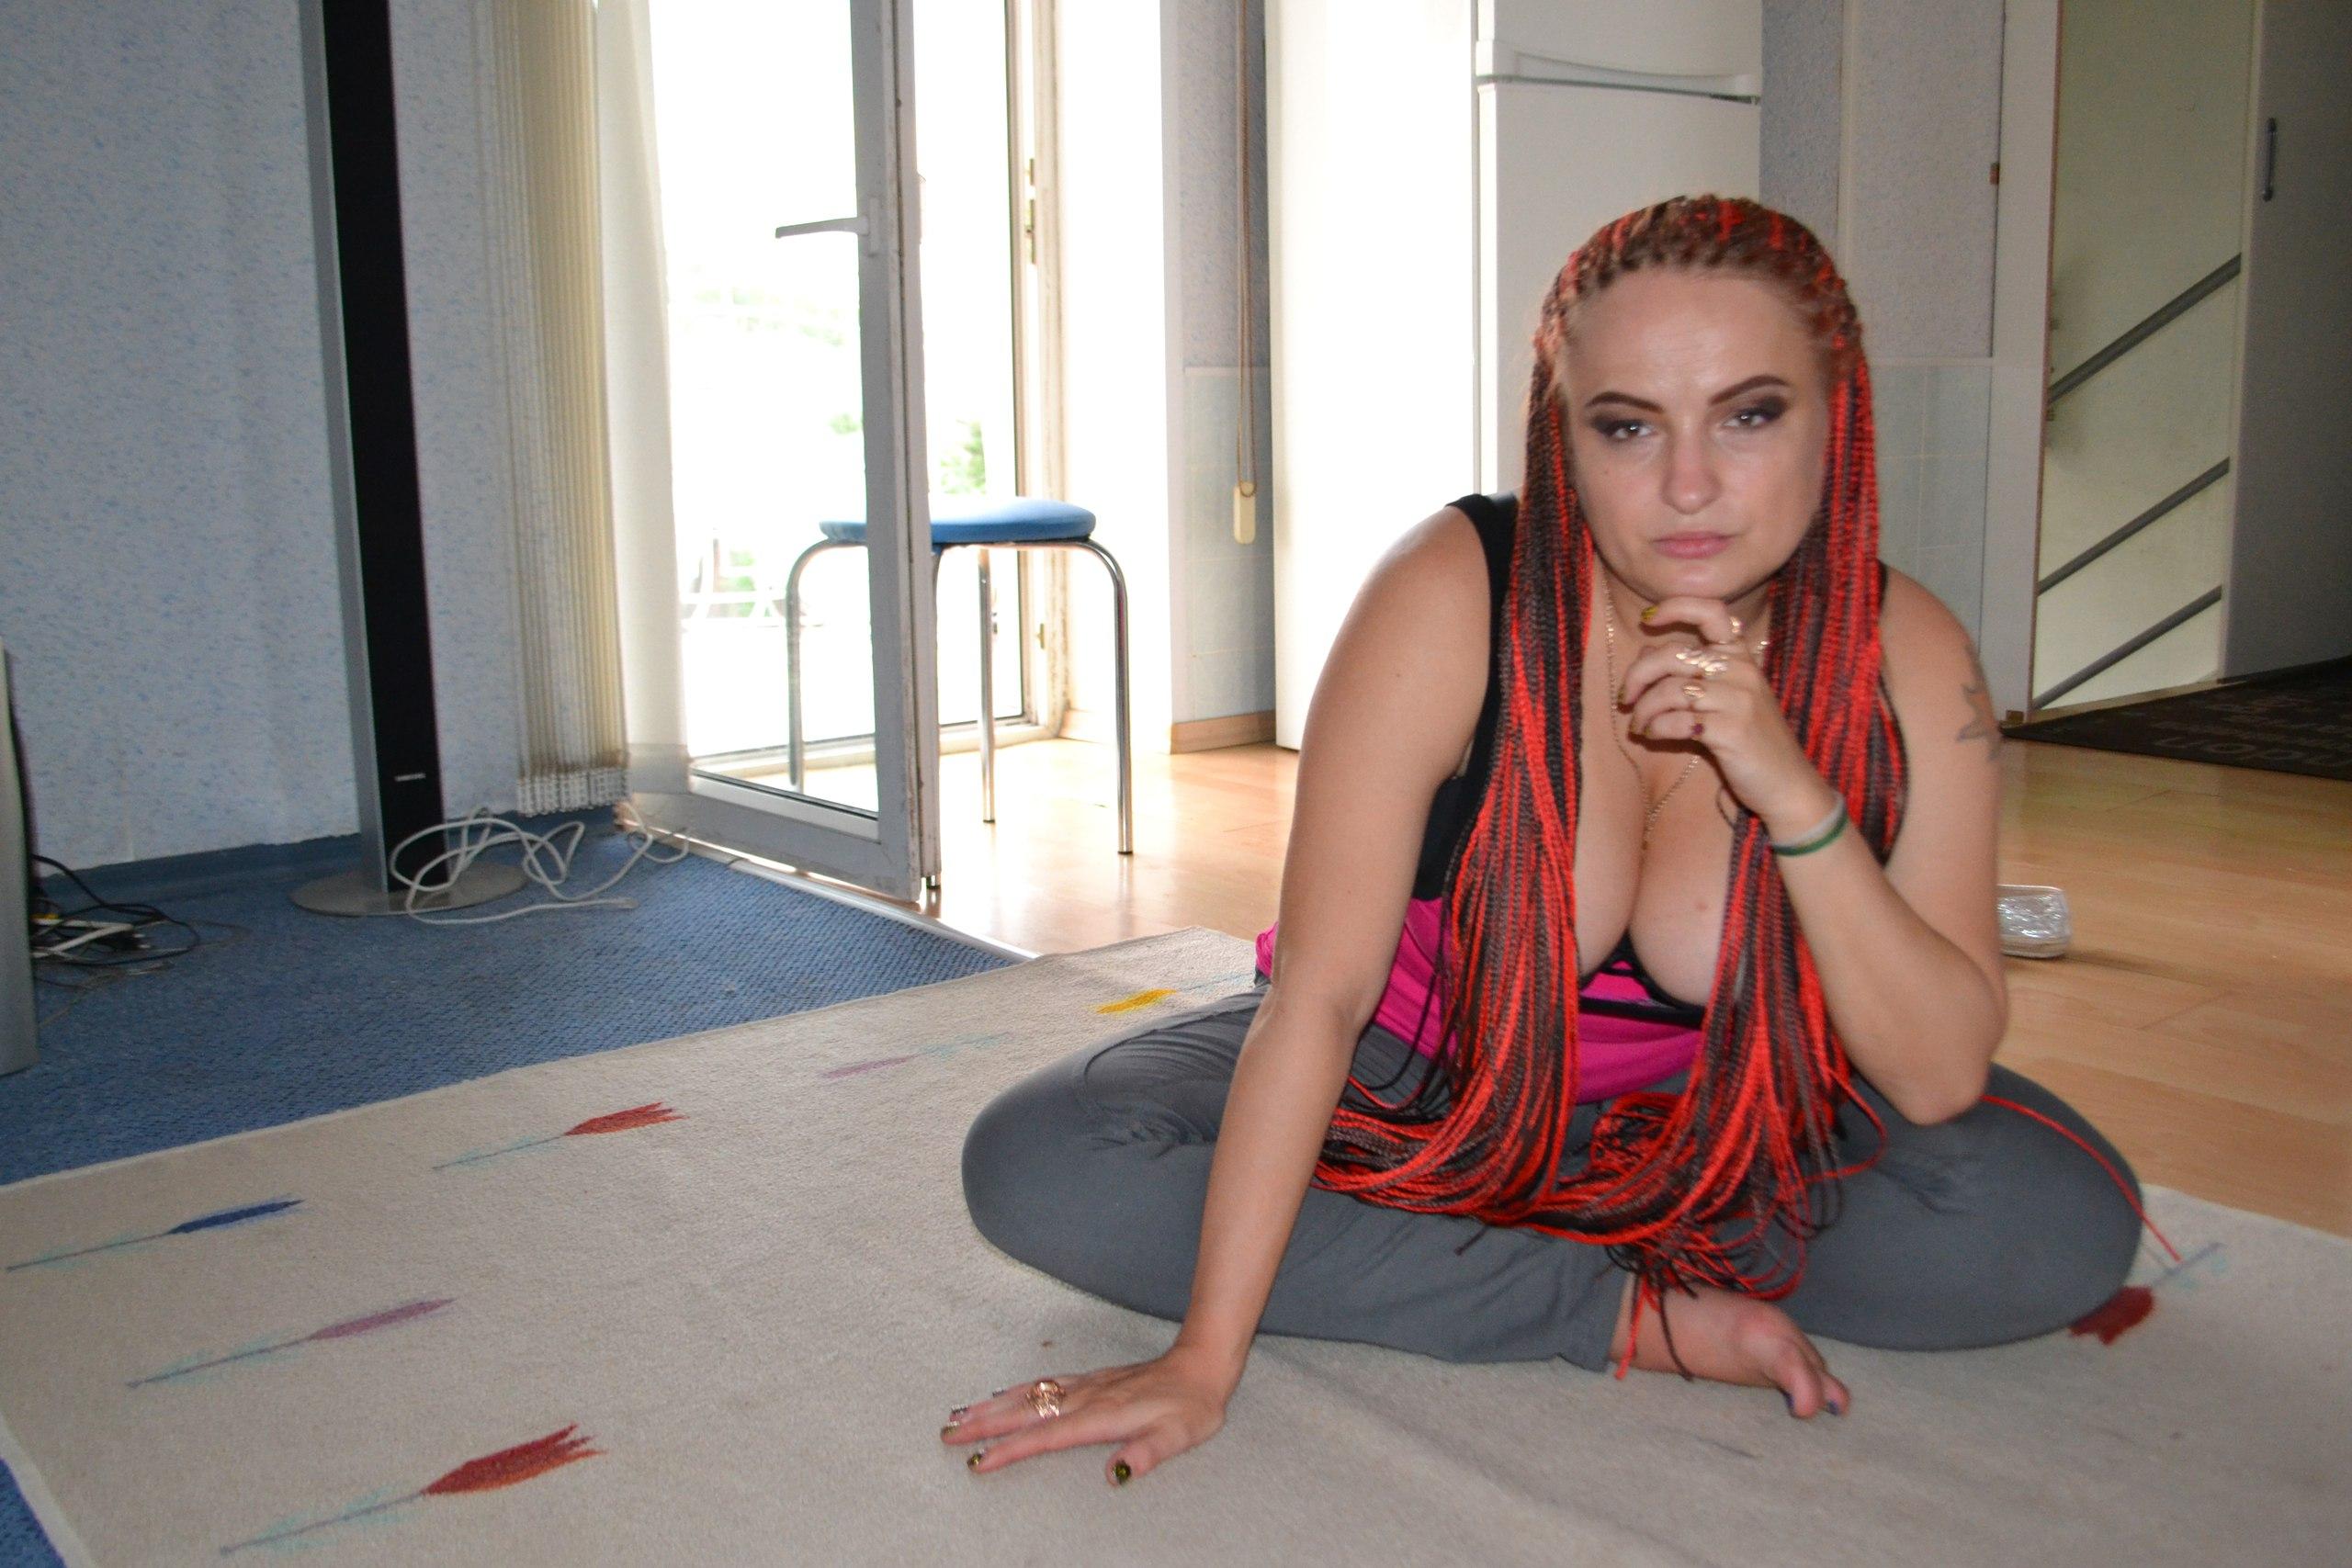 никосия - Елена Руденко. Мои путешествия (фото/видео) - Страница 3 Xc9OvwulmKA